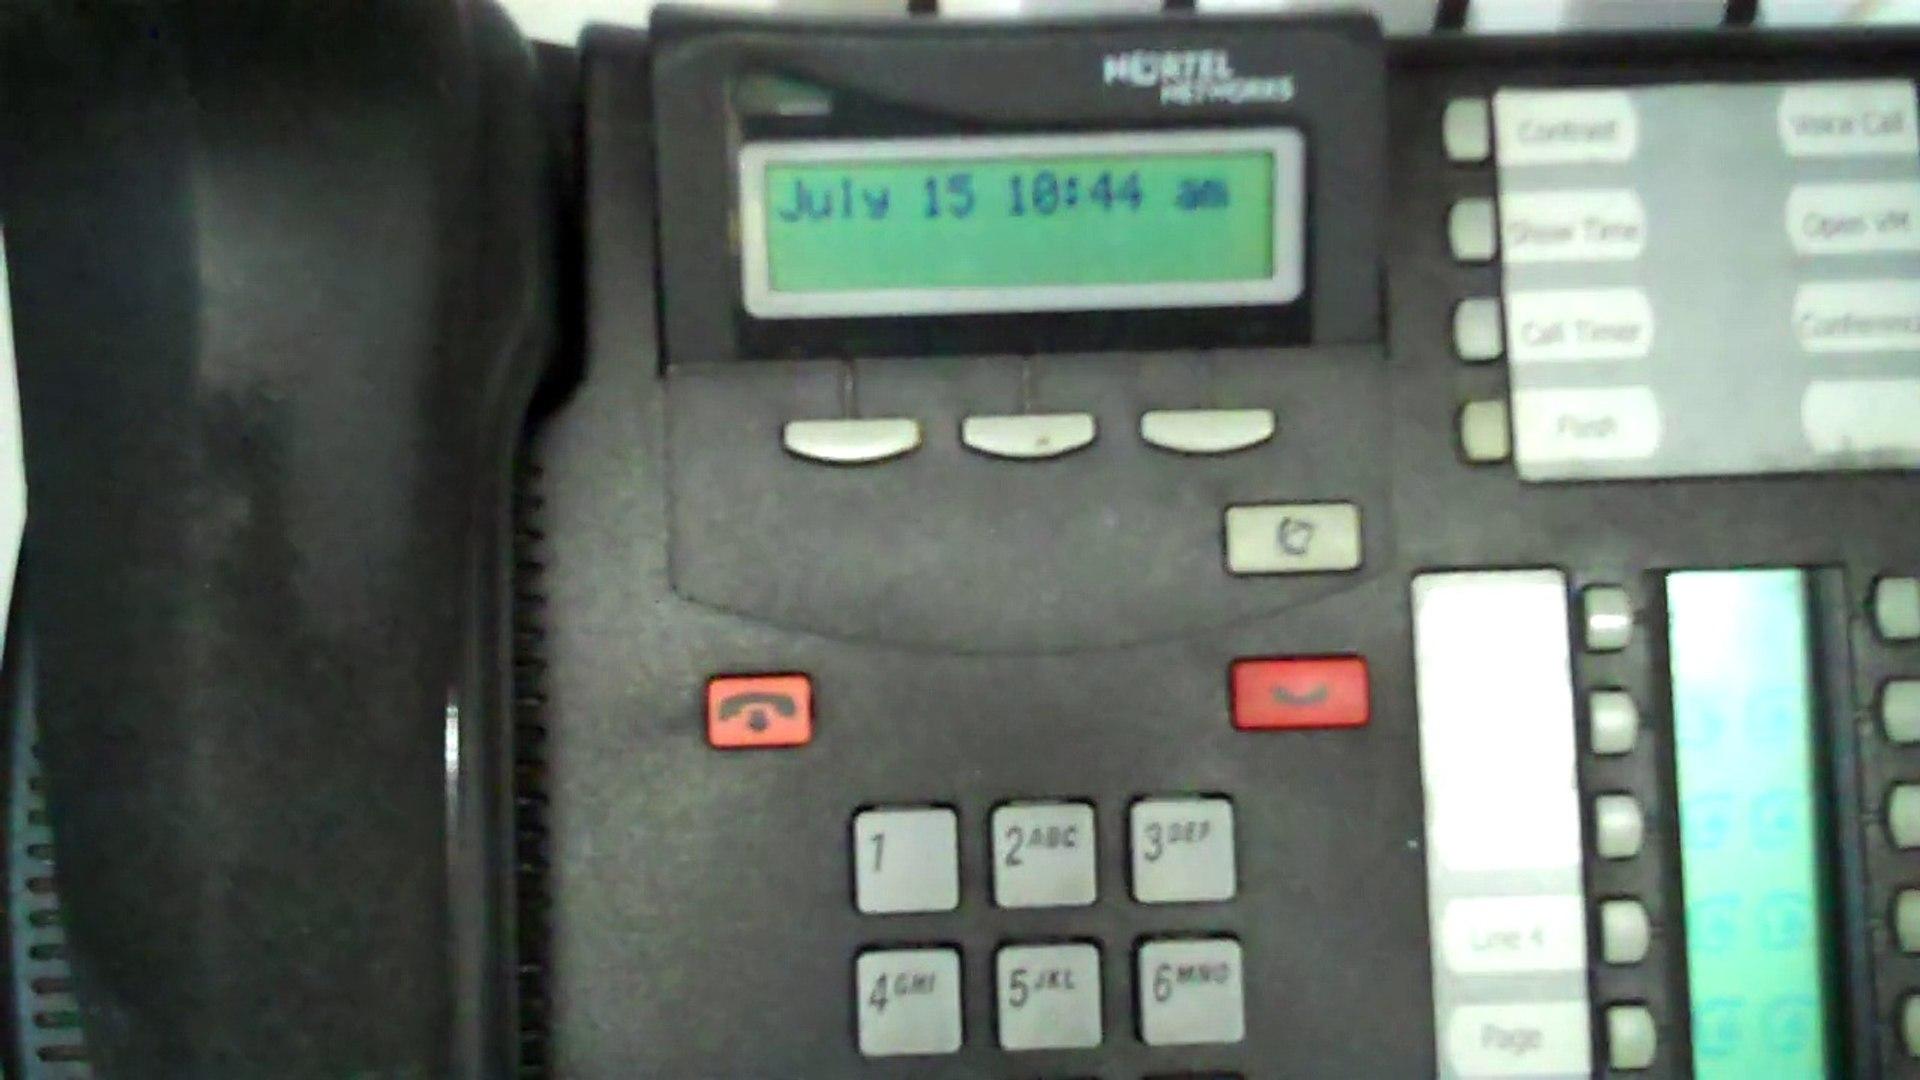 Nortel Networks mailbox locked